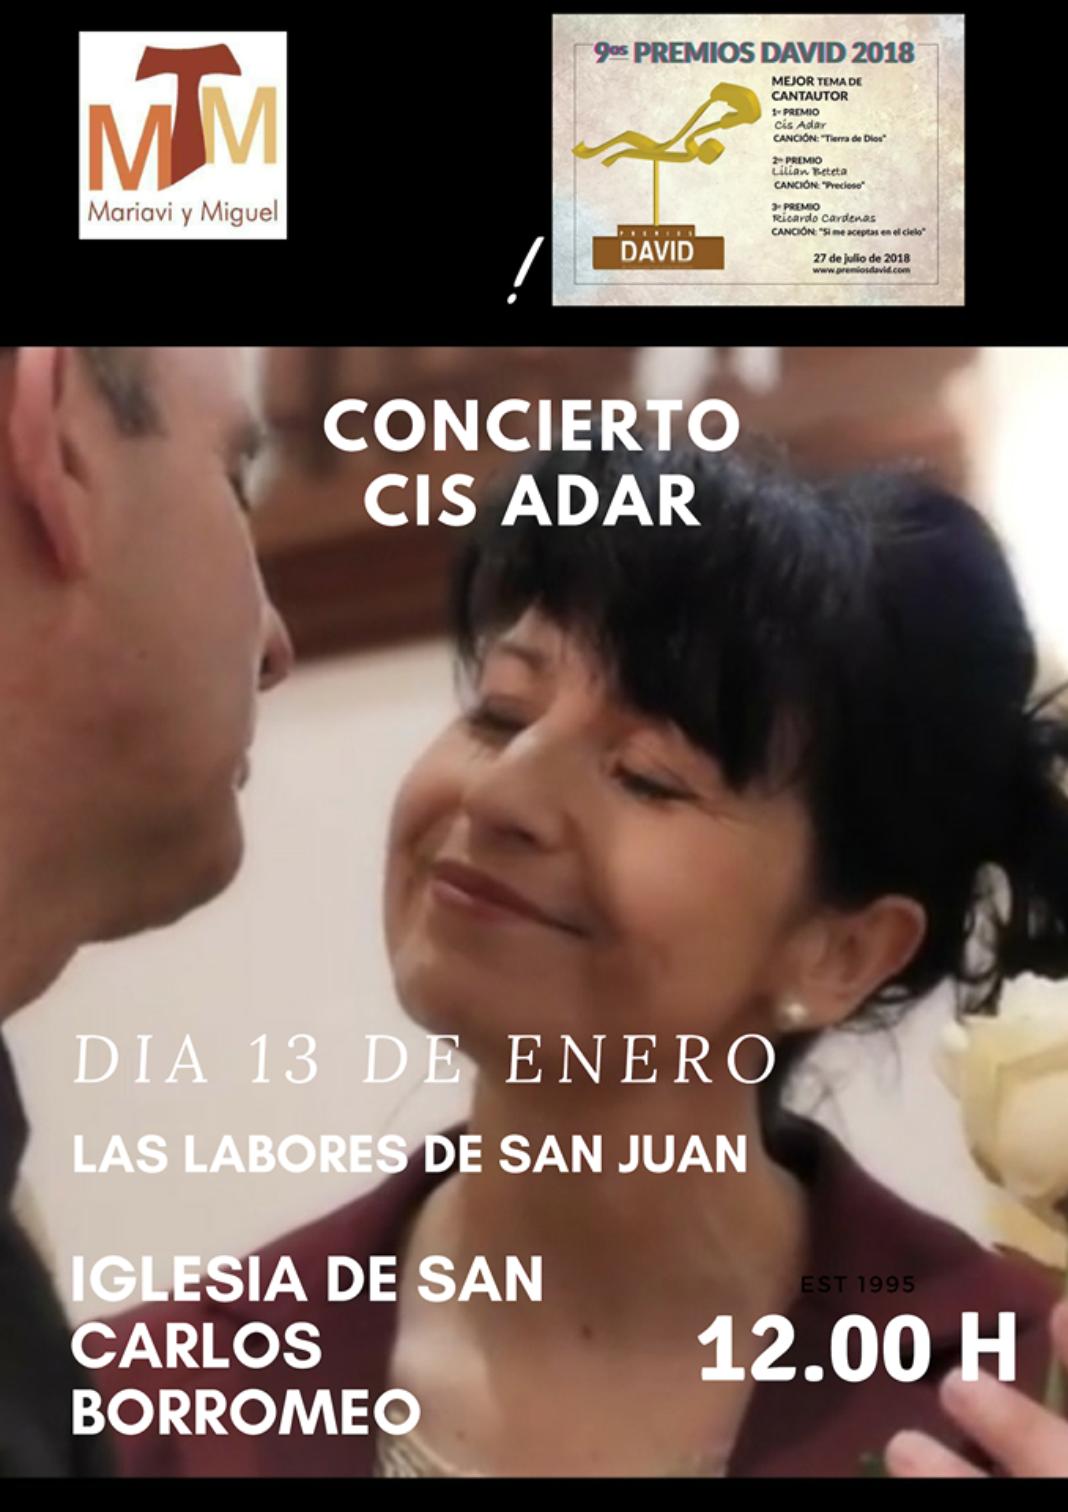 Concierto de Cis Adar en LAs LAbores 1068x1512 - Cis Adar presenta su último disco en Las Labores